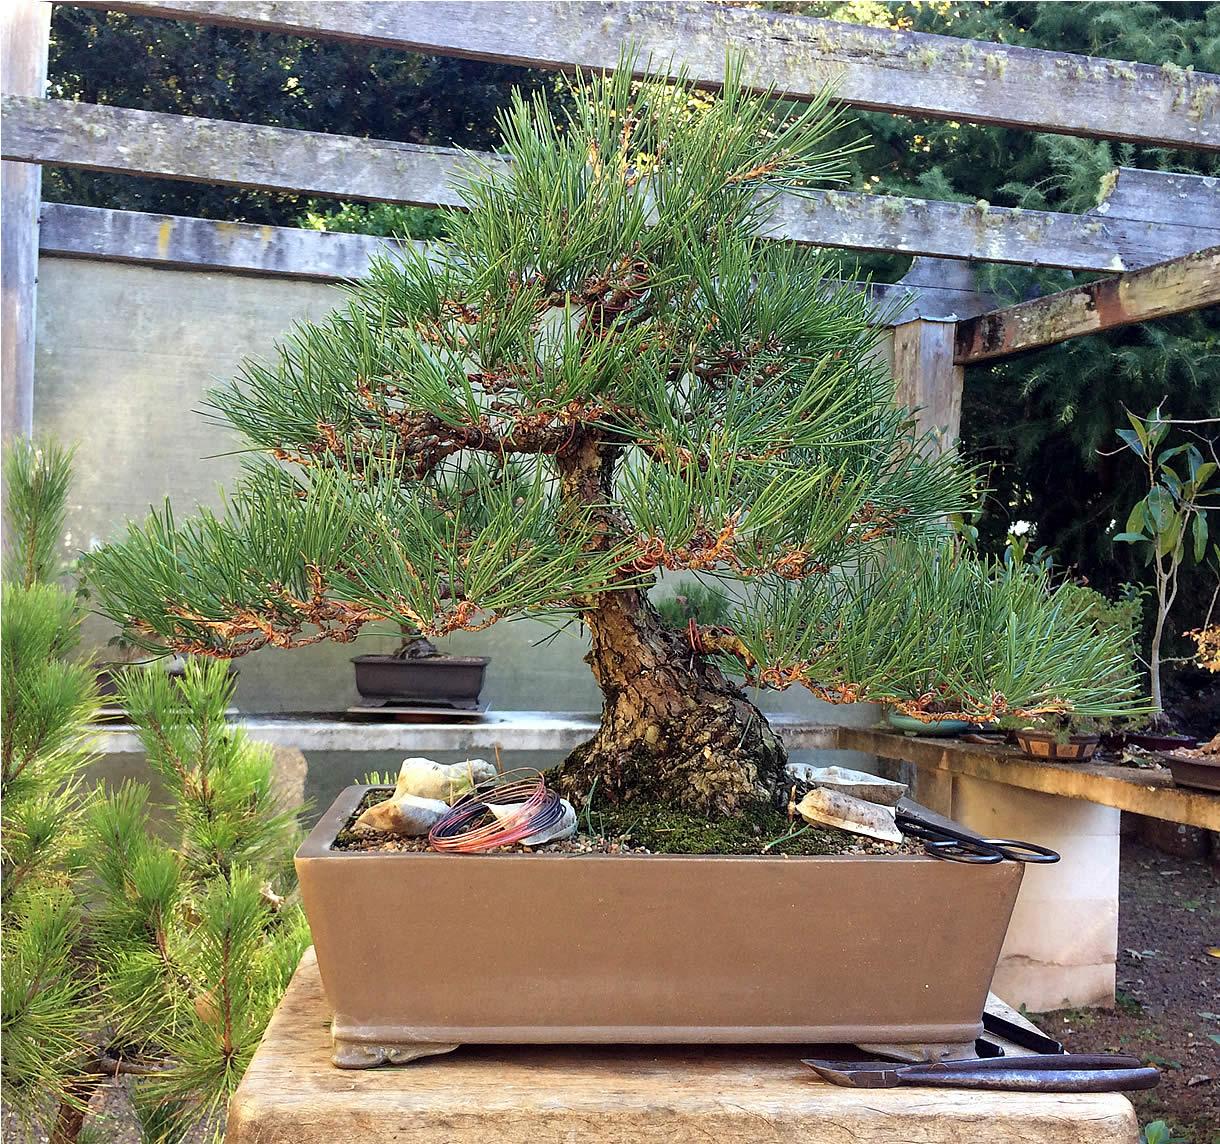 kuro-matsu-australian-bonsai-gallery-12-1220